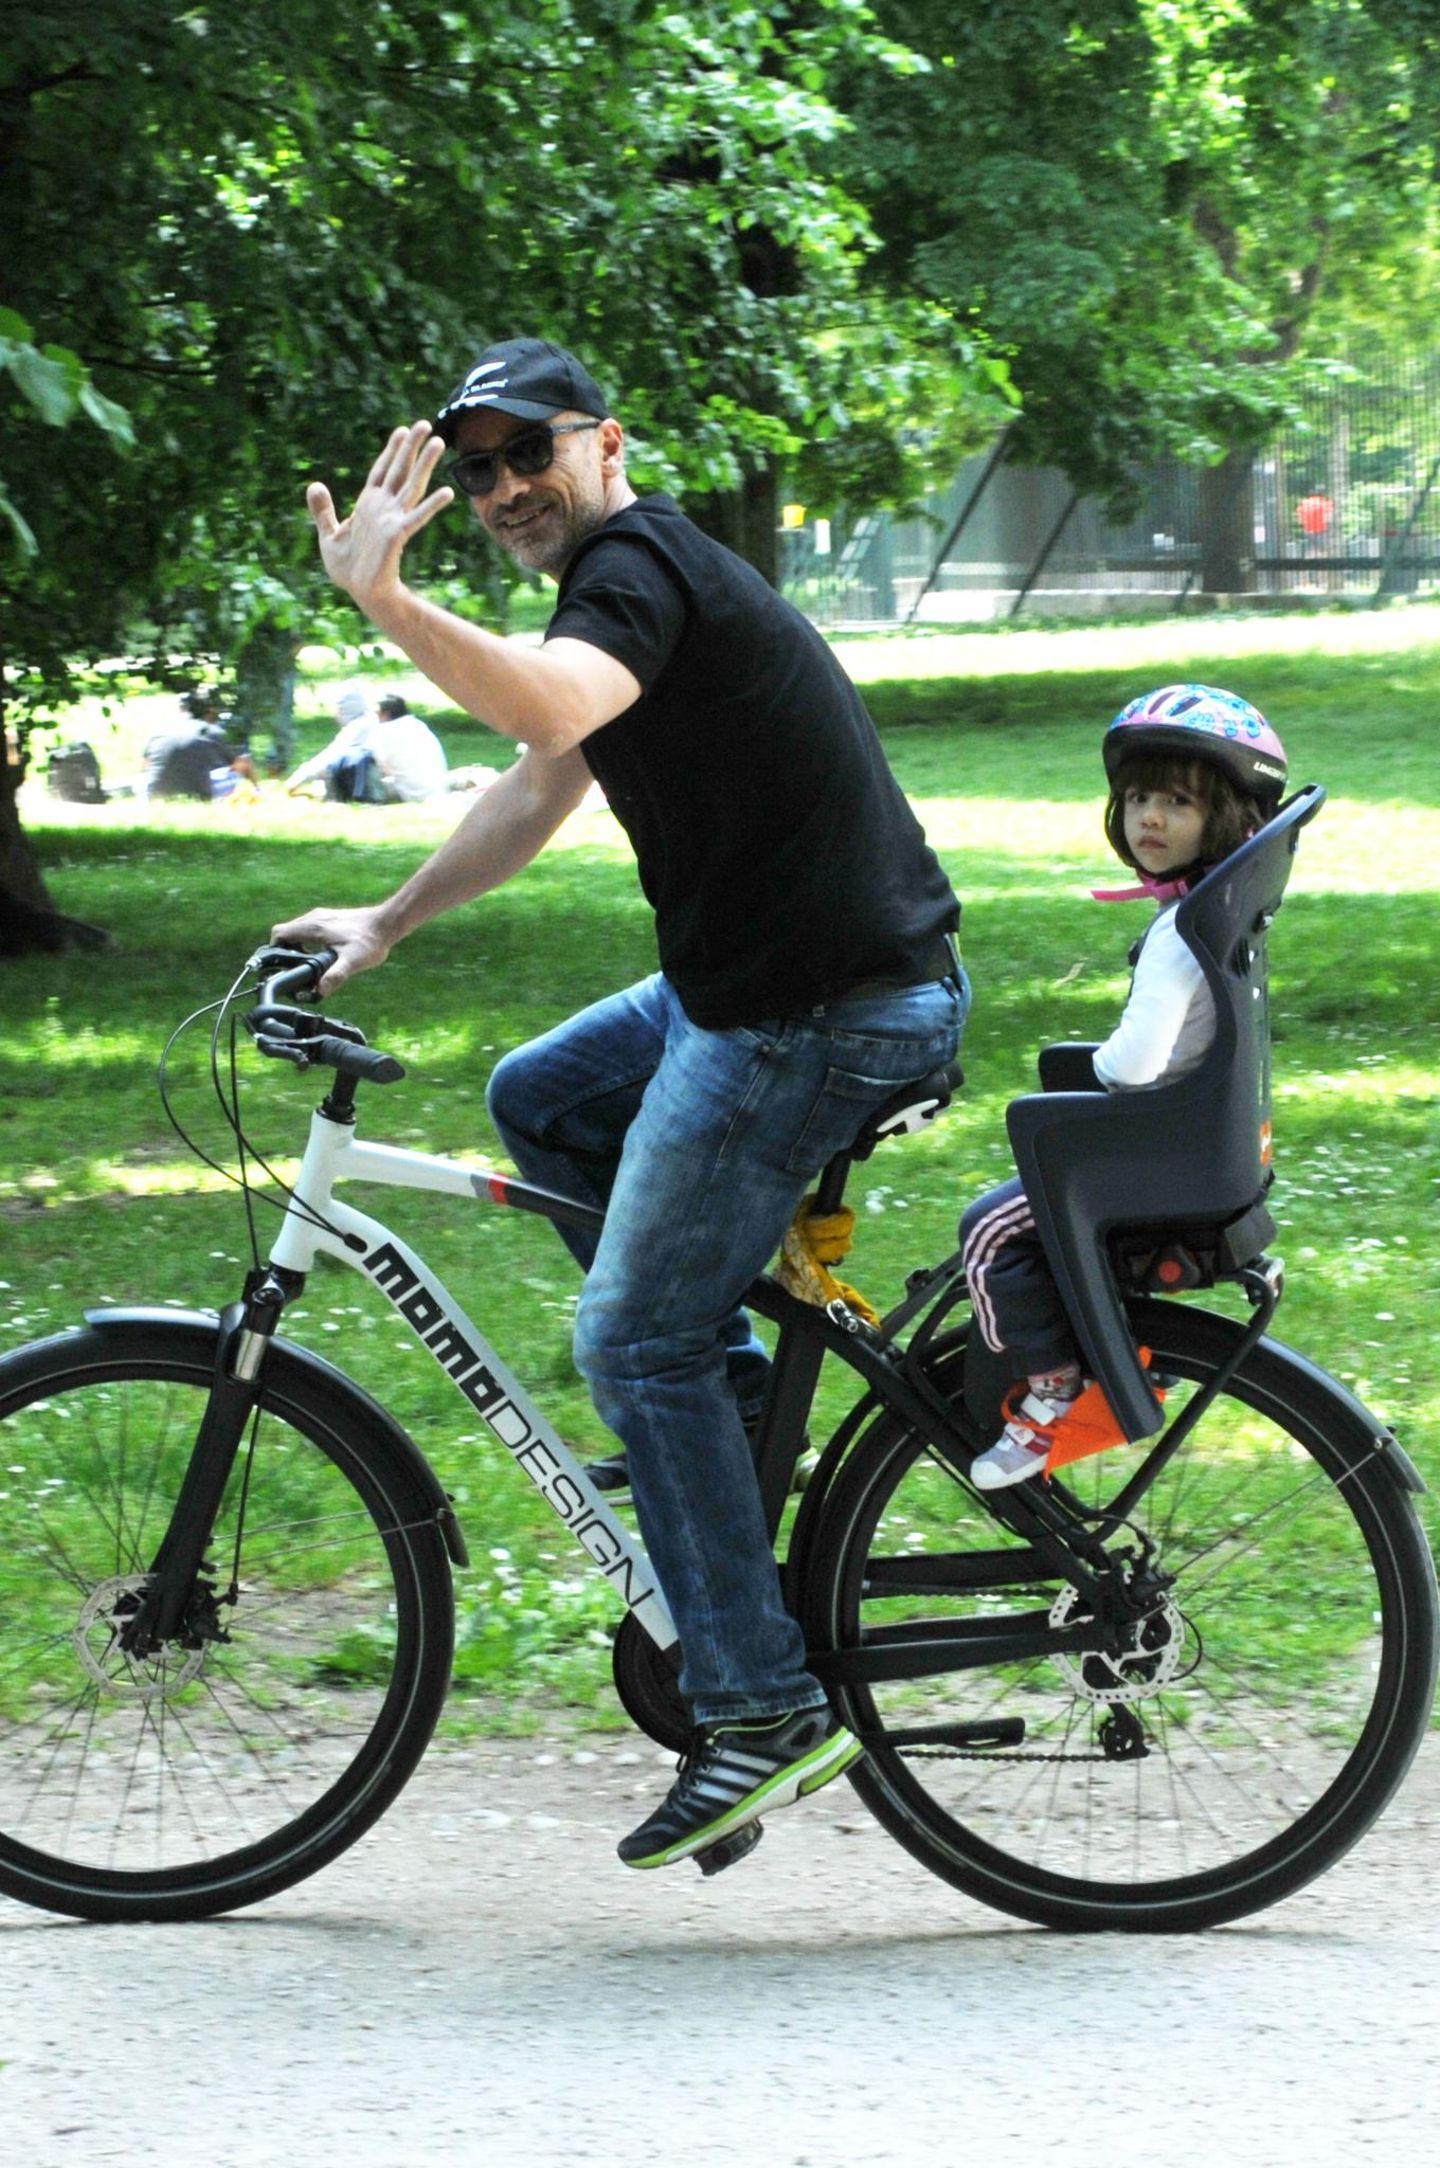 Eros Ramazzotti radelt mit seiner Tochter Raffaella Maria durchs Grüne.